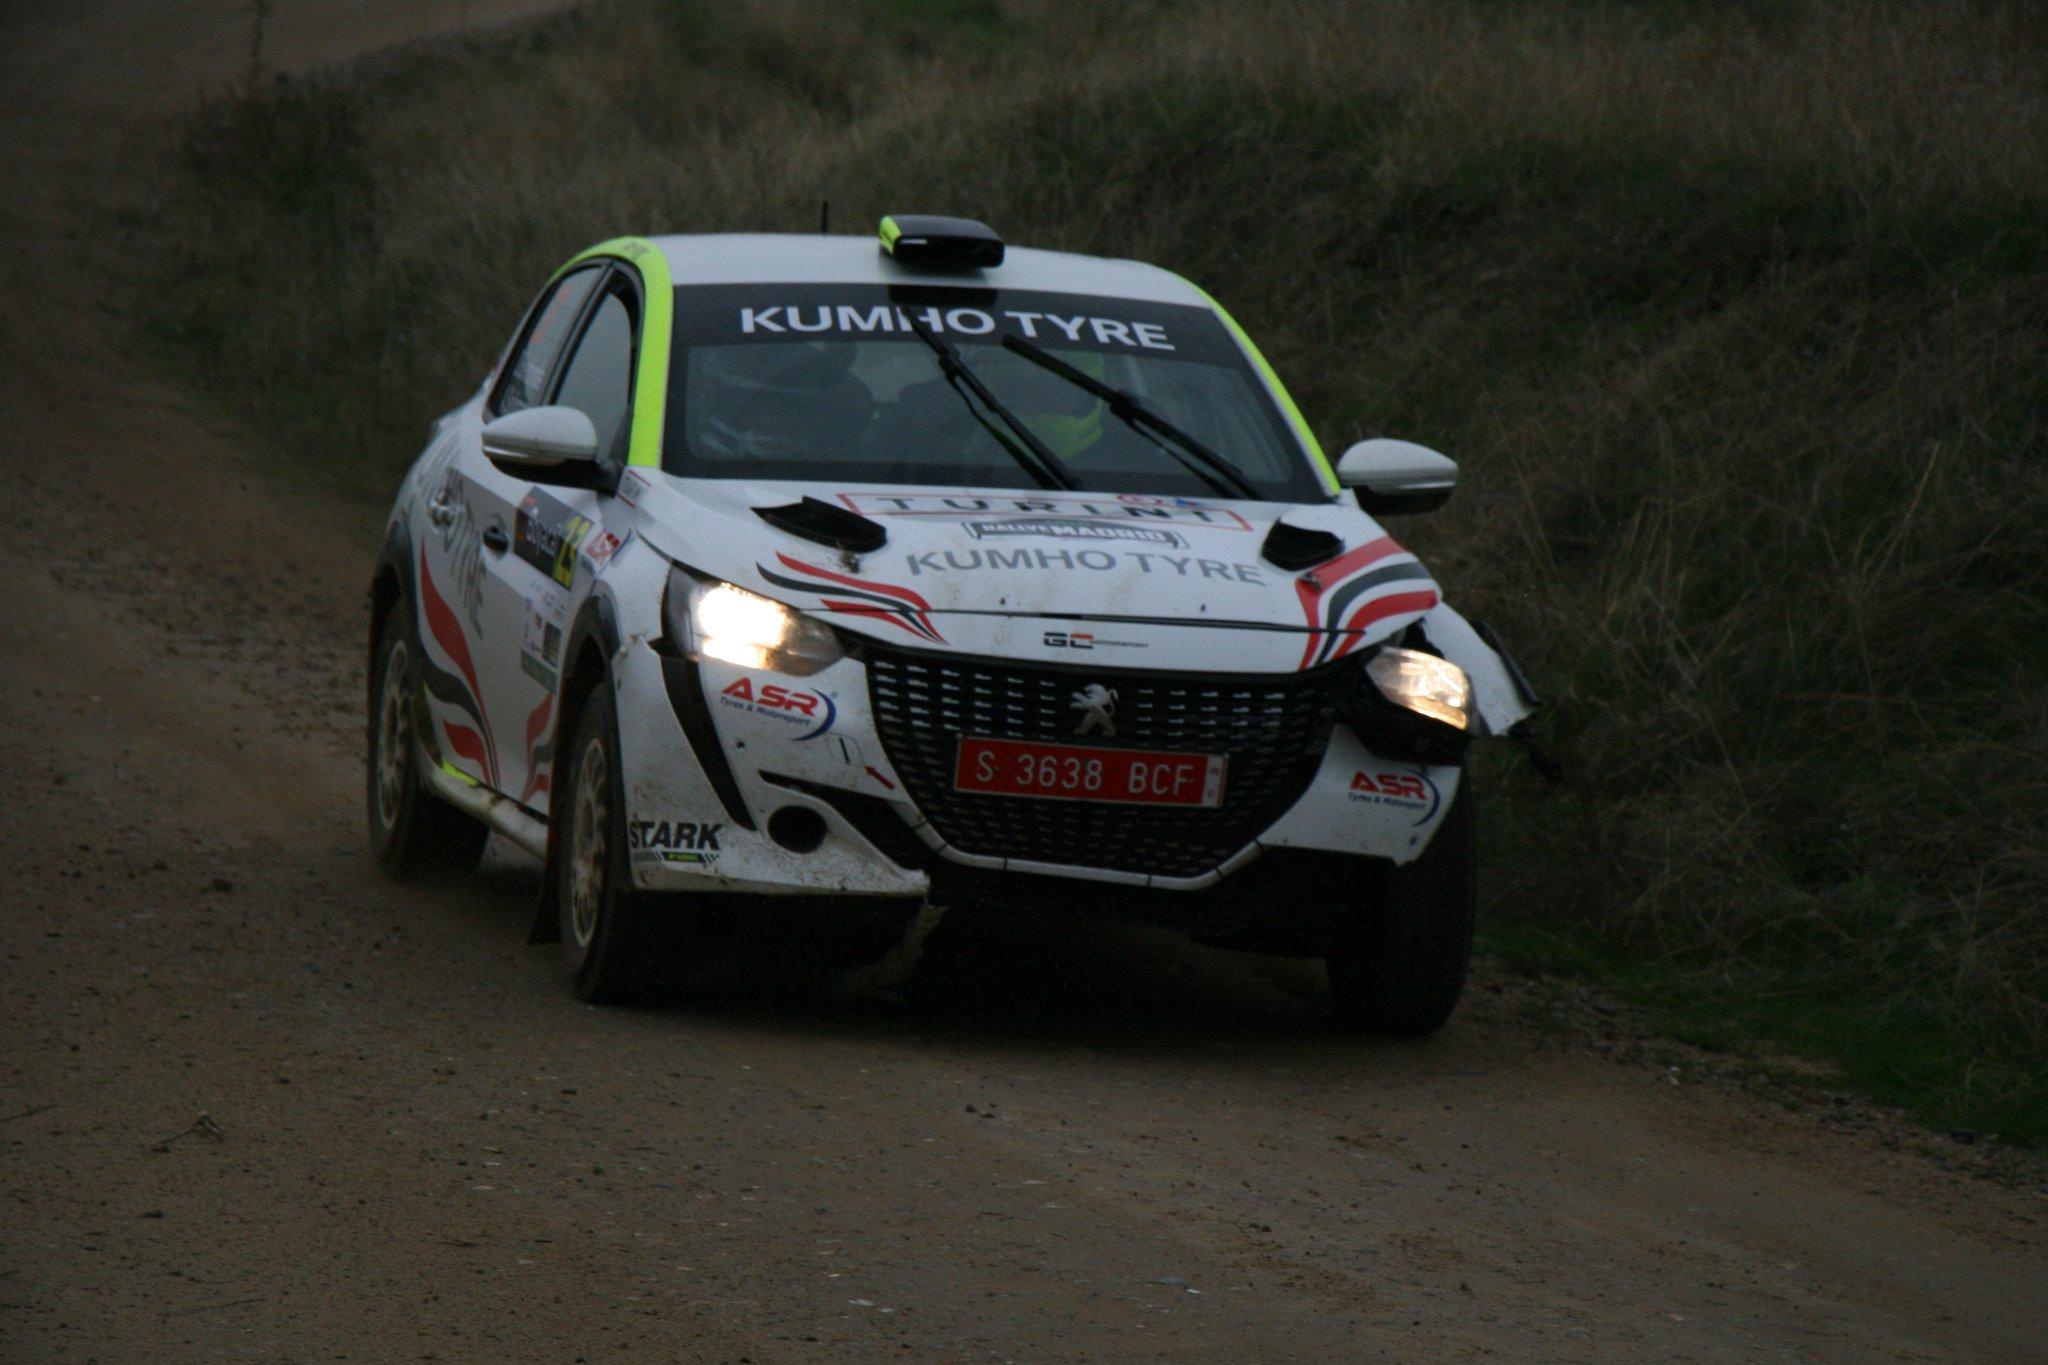 SCER + CERT: Rallye de Tierra de Madrid [13-14 Noviembre] - Página 4 EmzCAwEW4AAulER?format=jpg&name=large